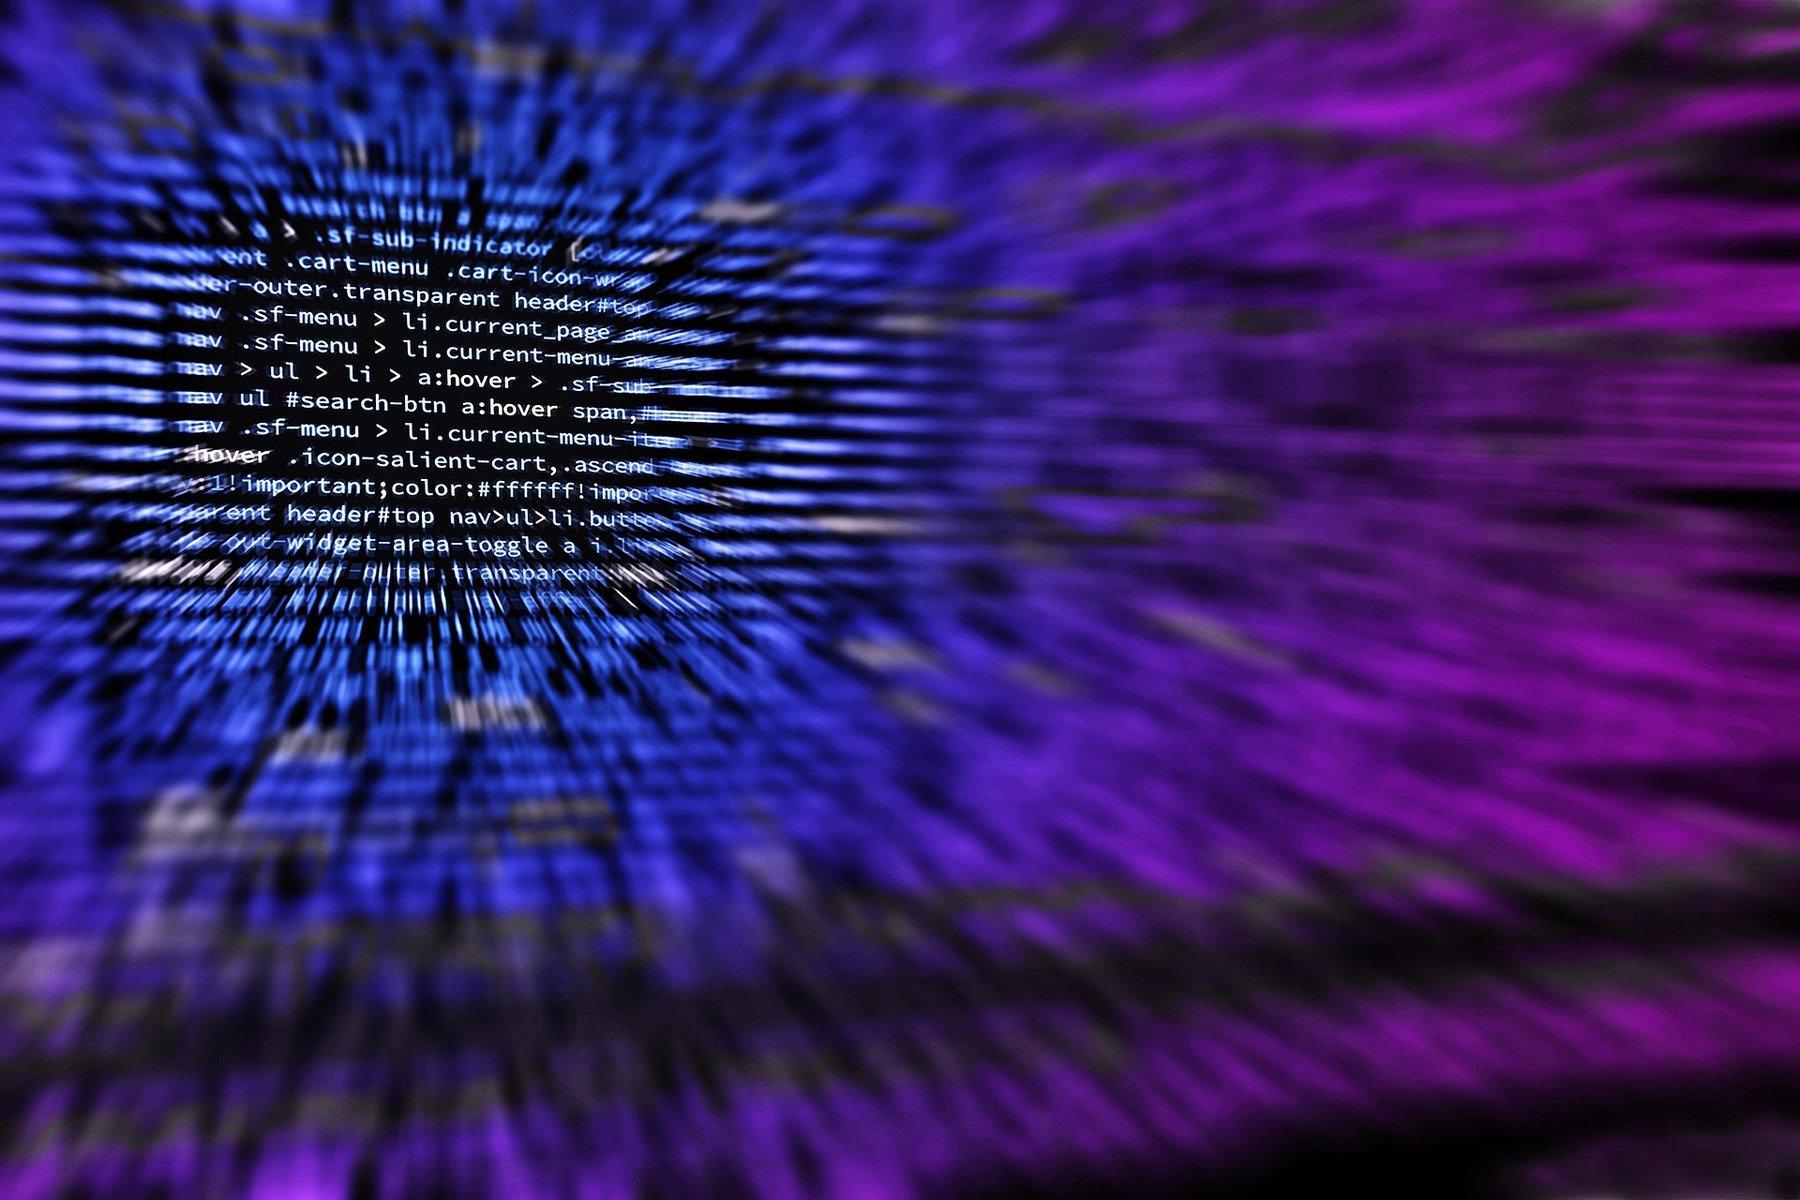 Grande parte dos golpes na internet envolvem dados pessoais de sites de classificados e de empregos